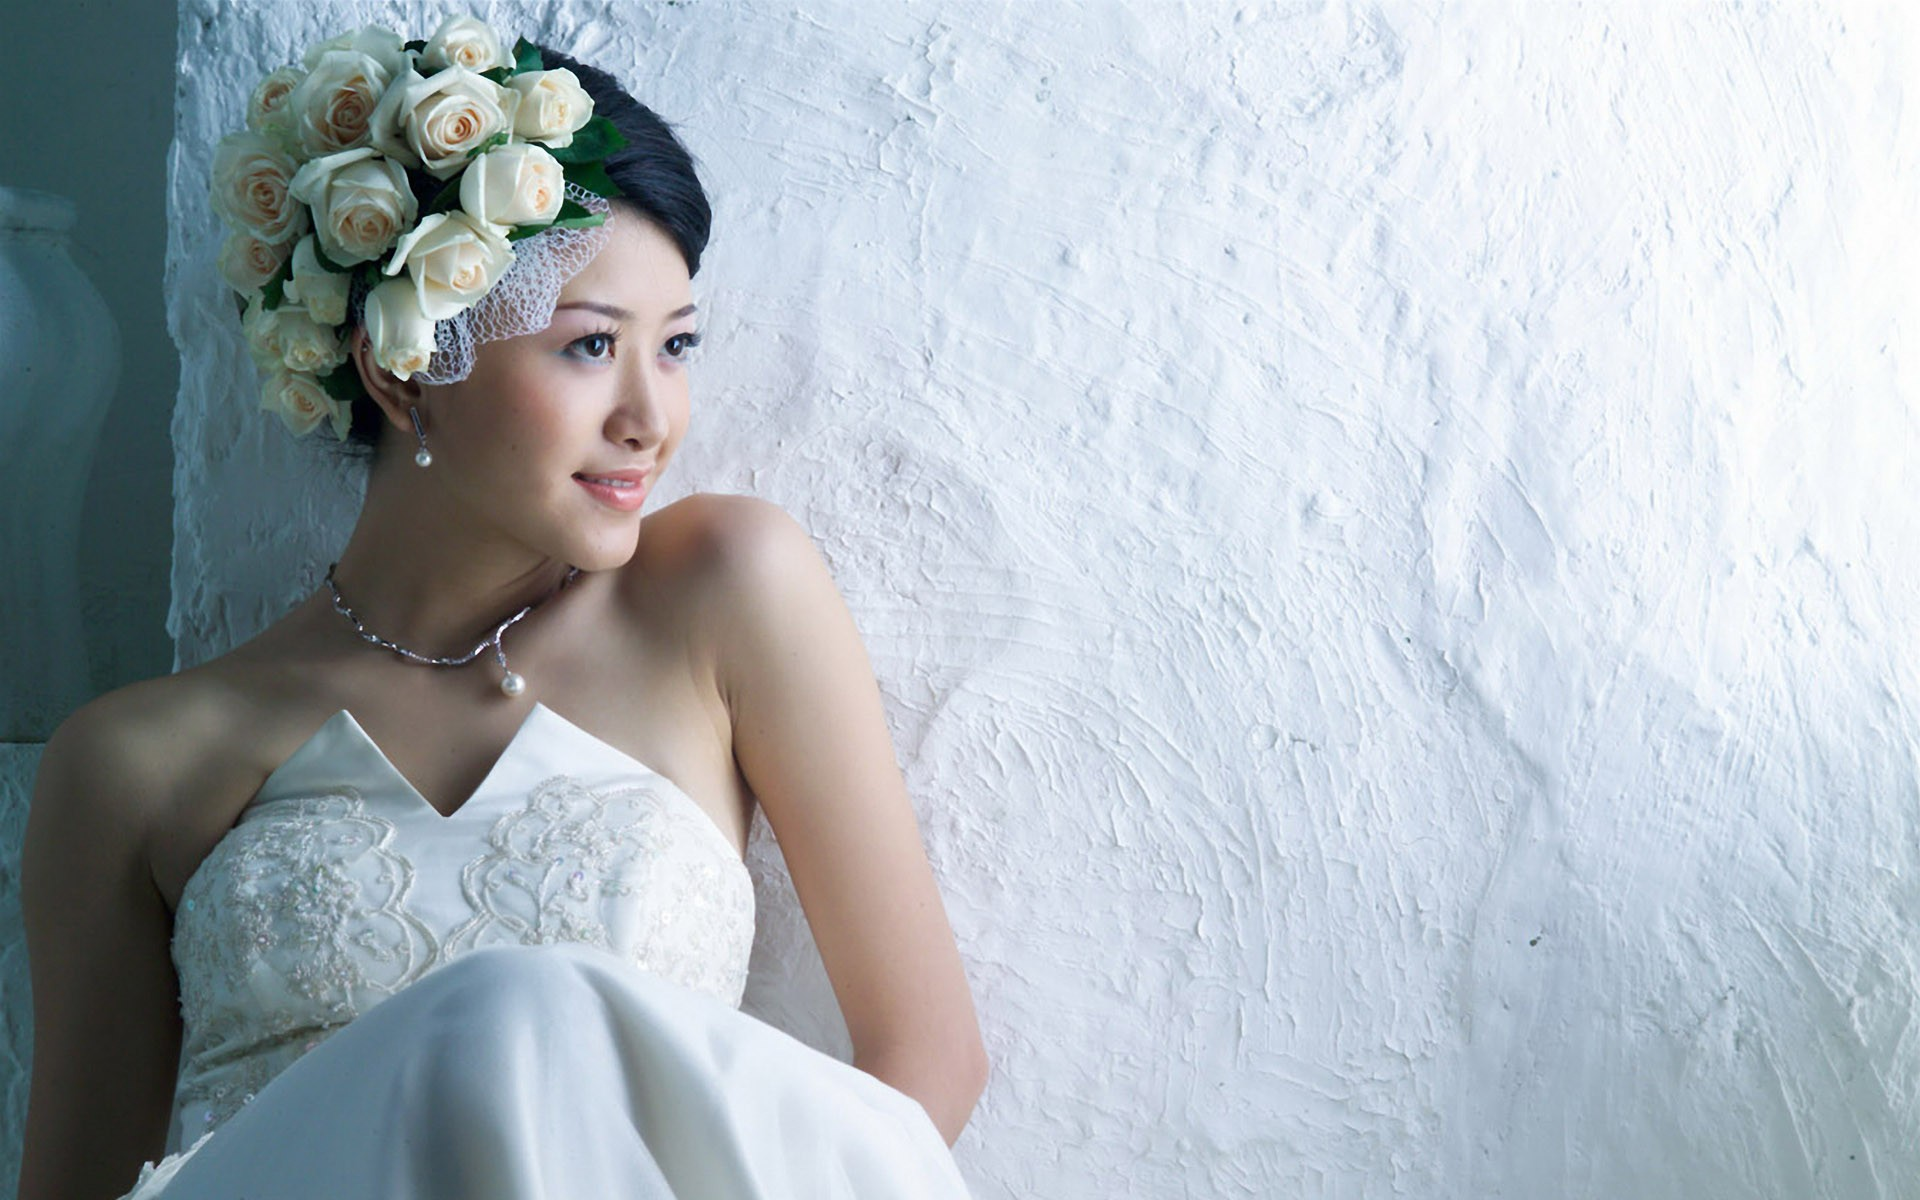 Vestido de novia asiático - 1920x1200